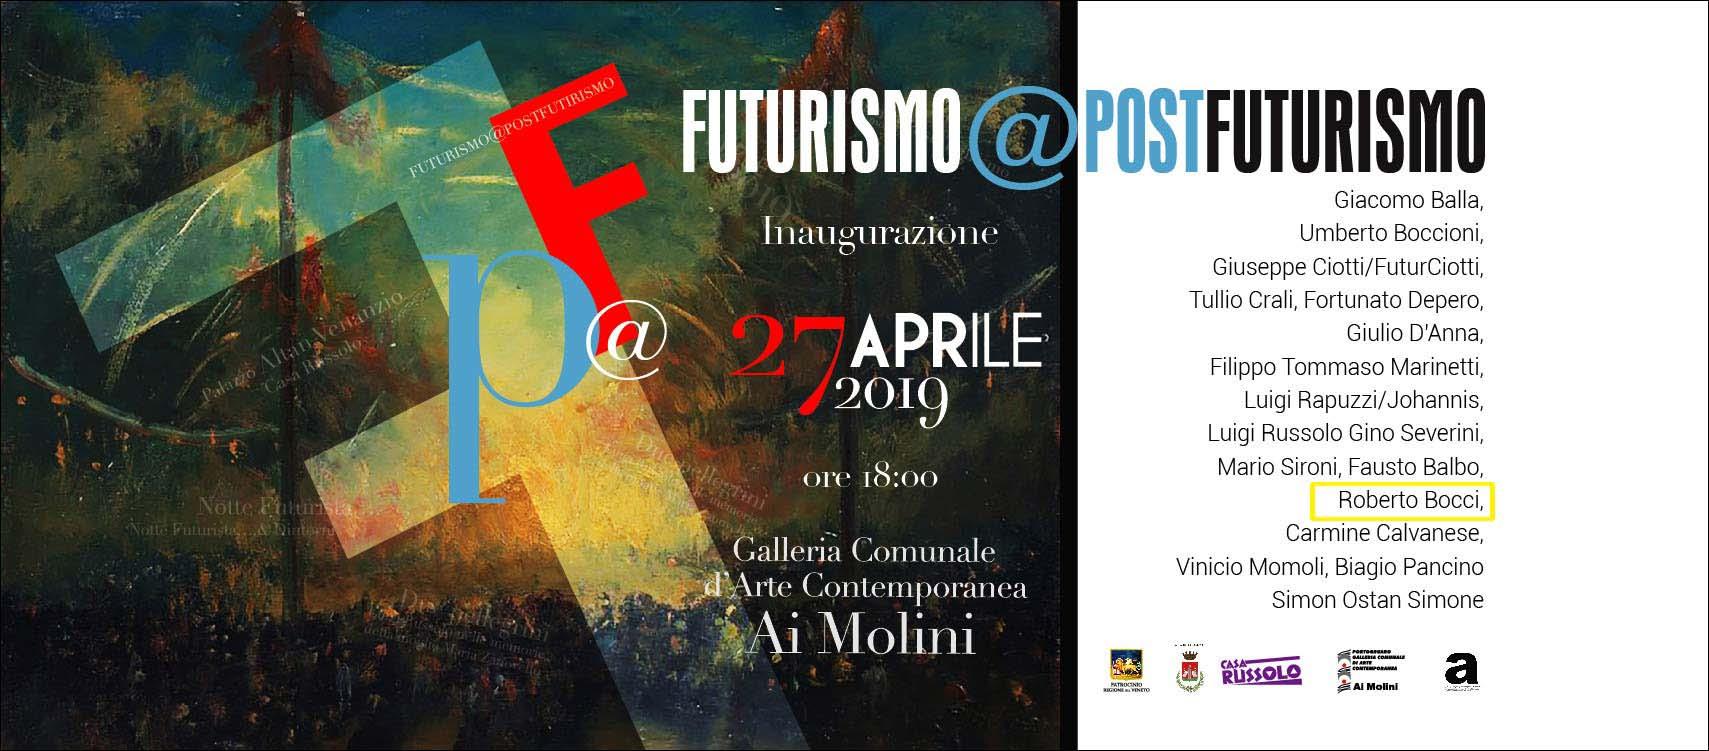 Bocci_Futurismo.jpg